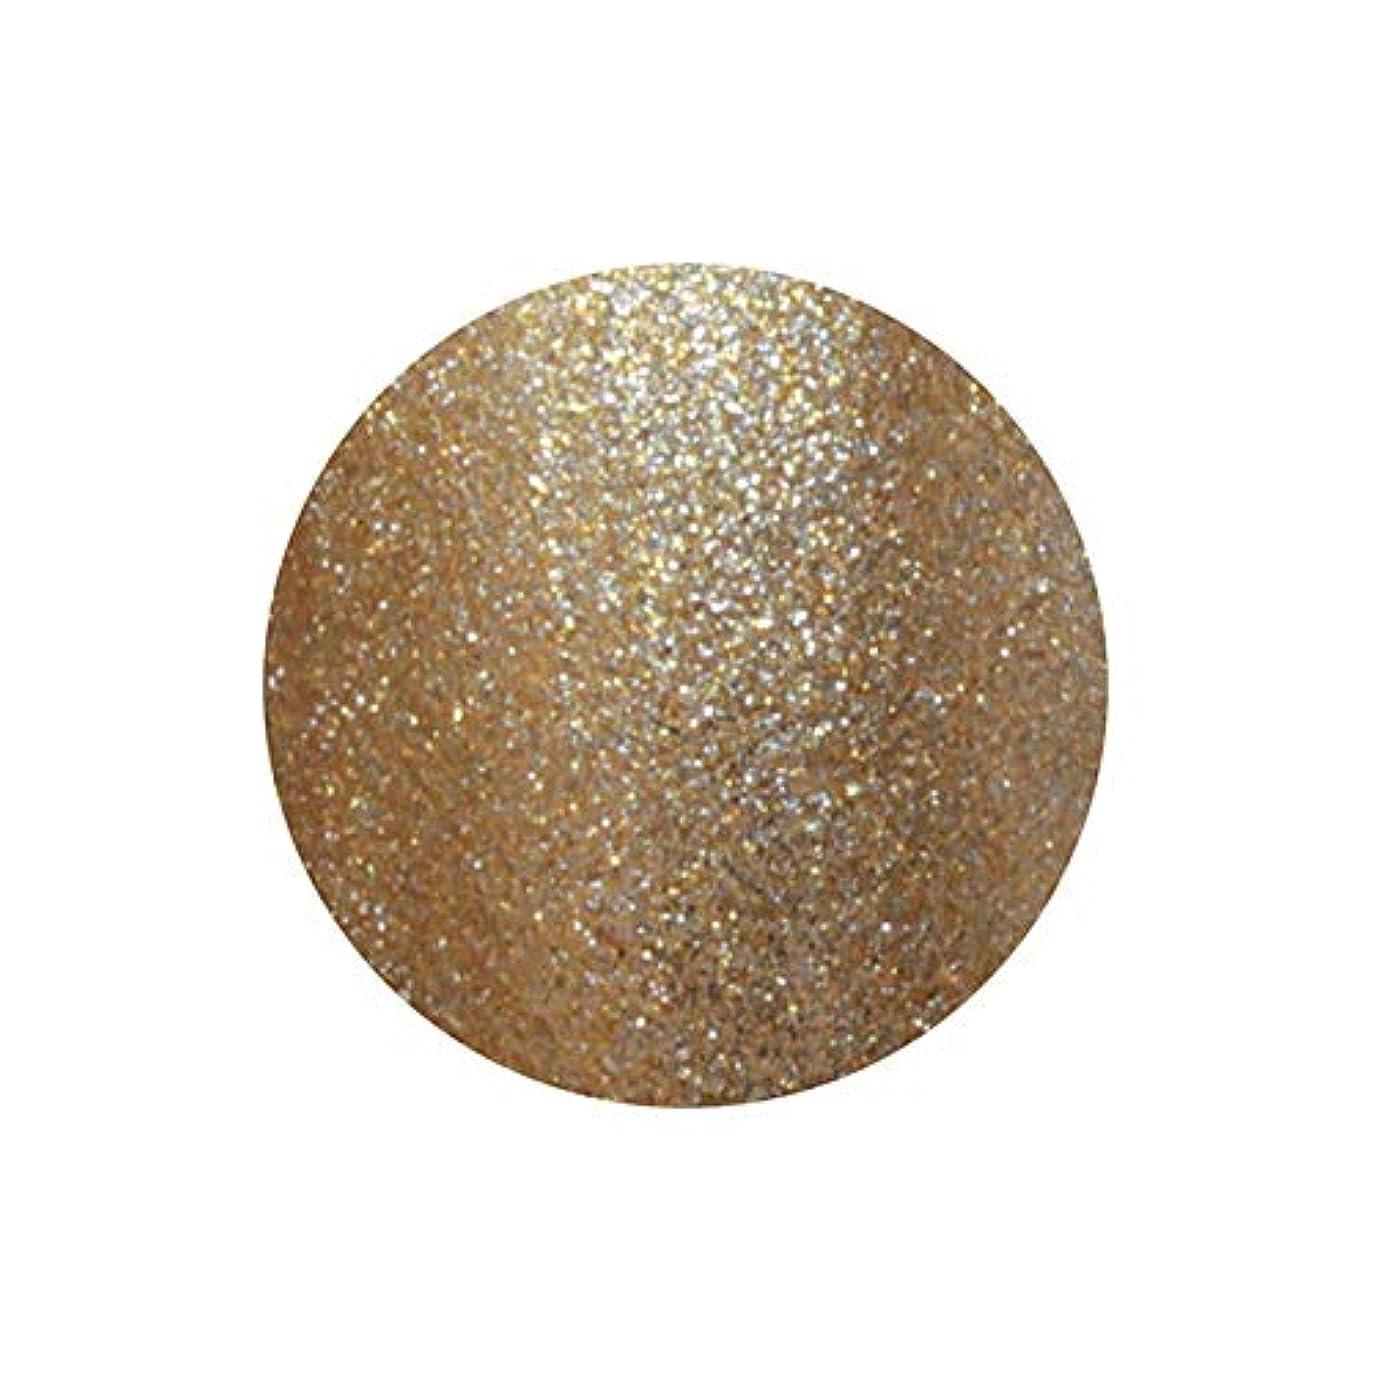 支援するするだろう聖なる【NEW】T-GEL COLLECTION TINY T001 ゴールド 8ml